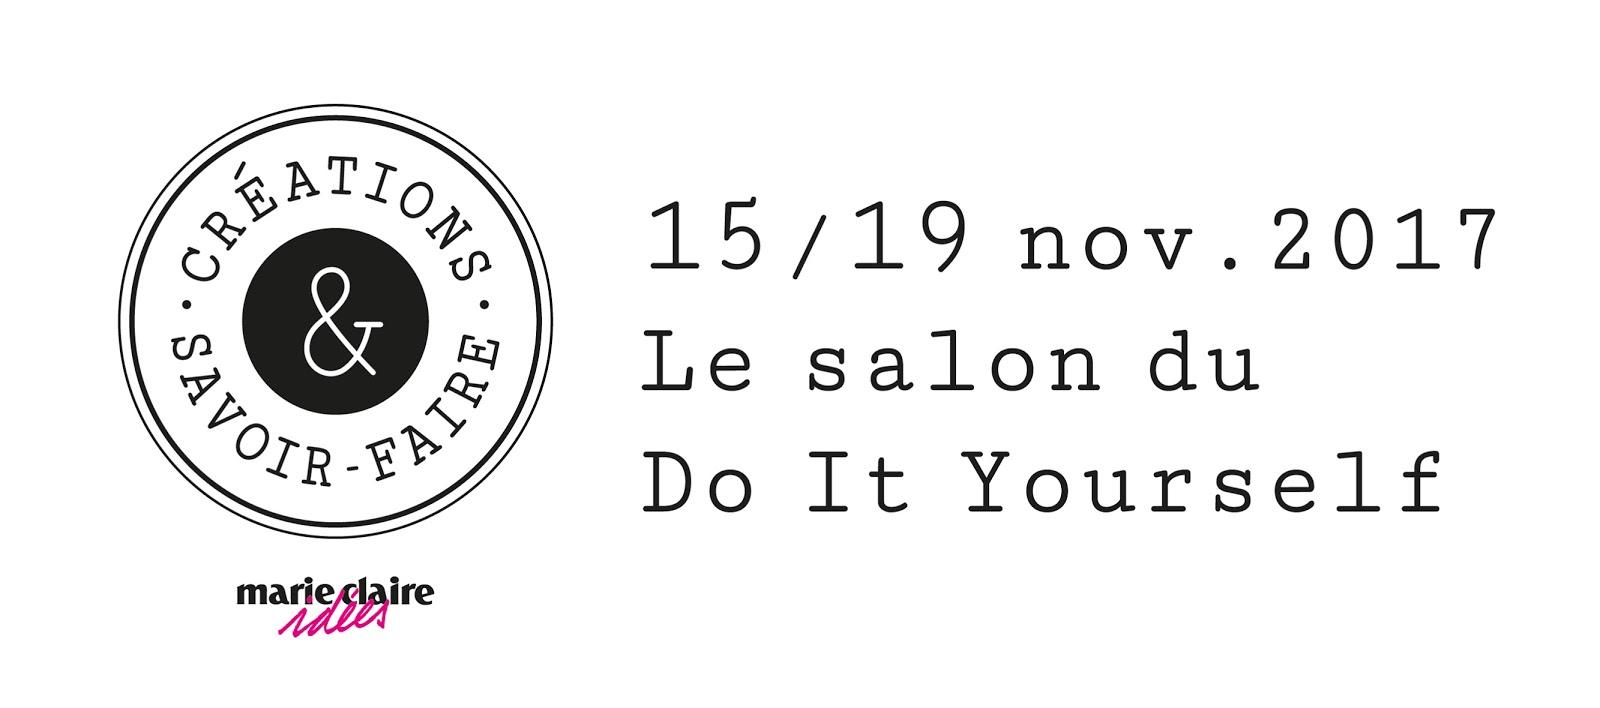 Caro et zolie gagnez vos invitations pour le salon cr ations savoir faire 2017 - Creation et savoir faire 2017 ...